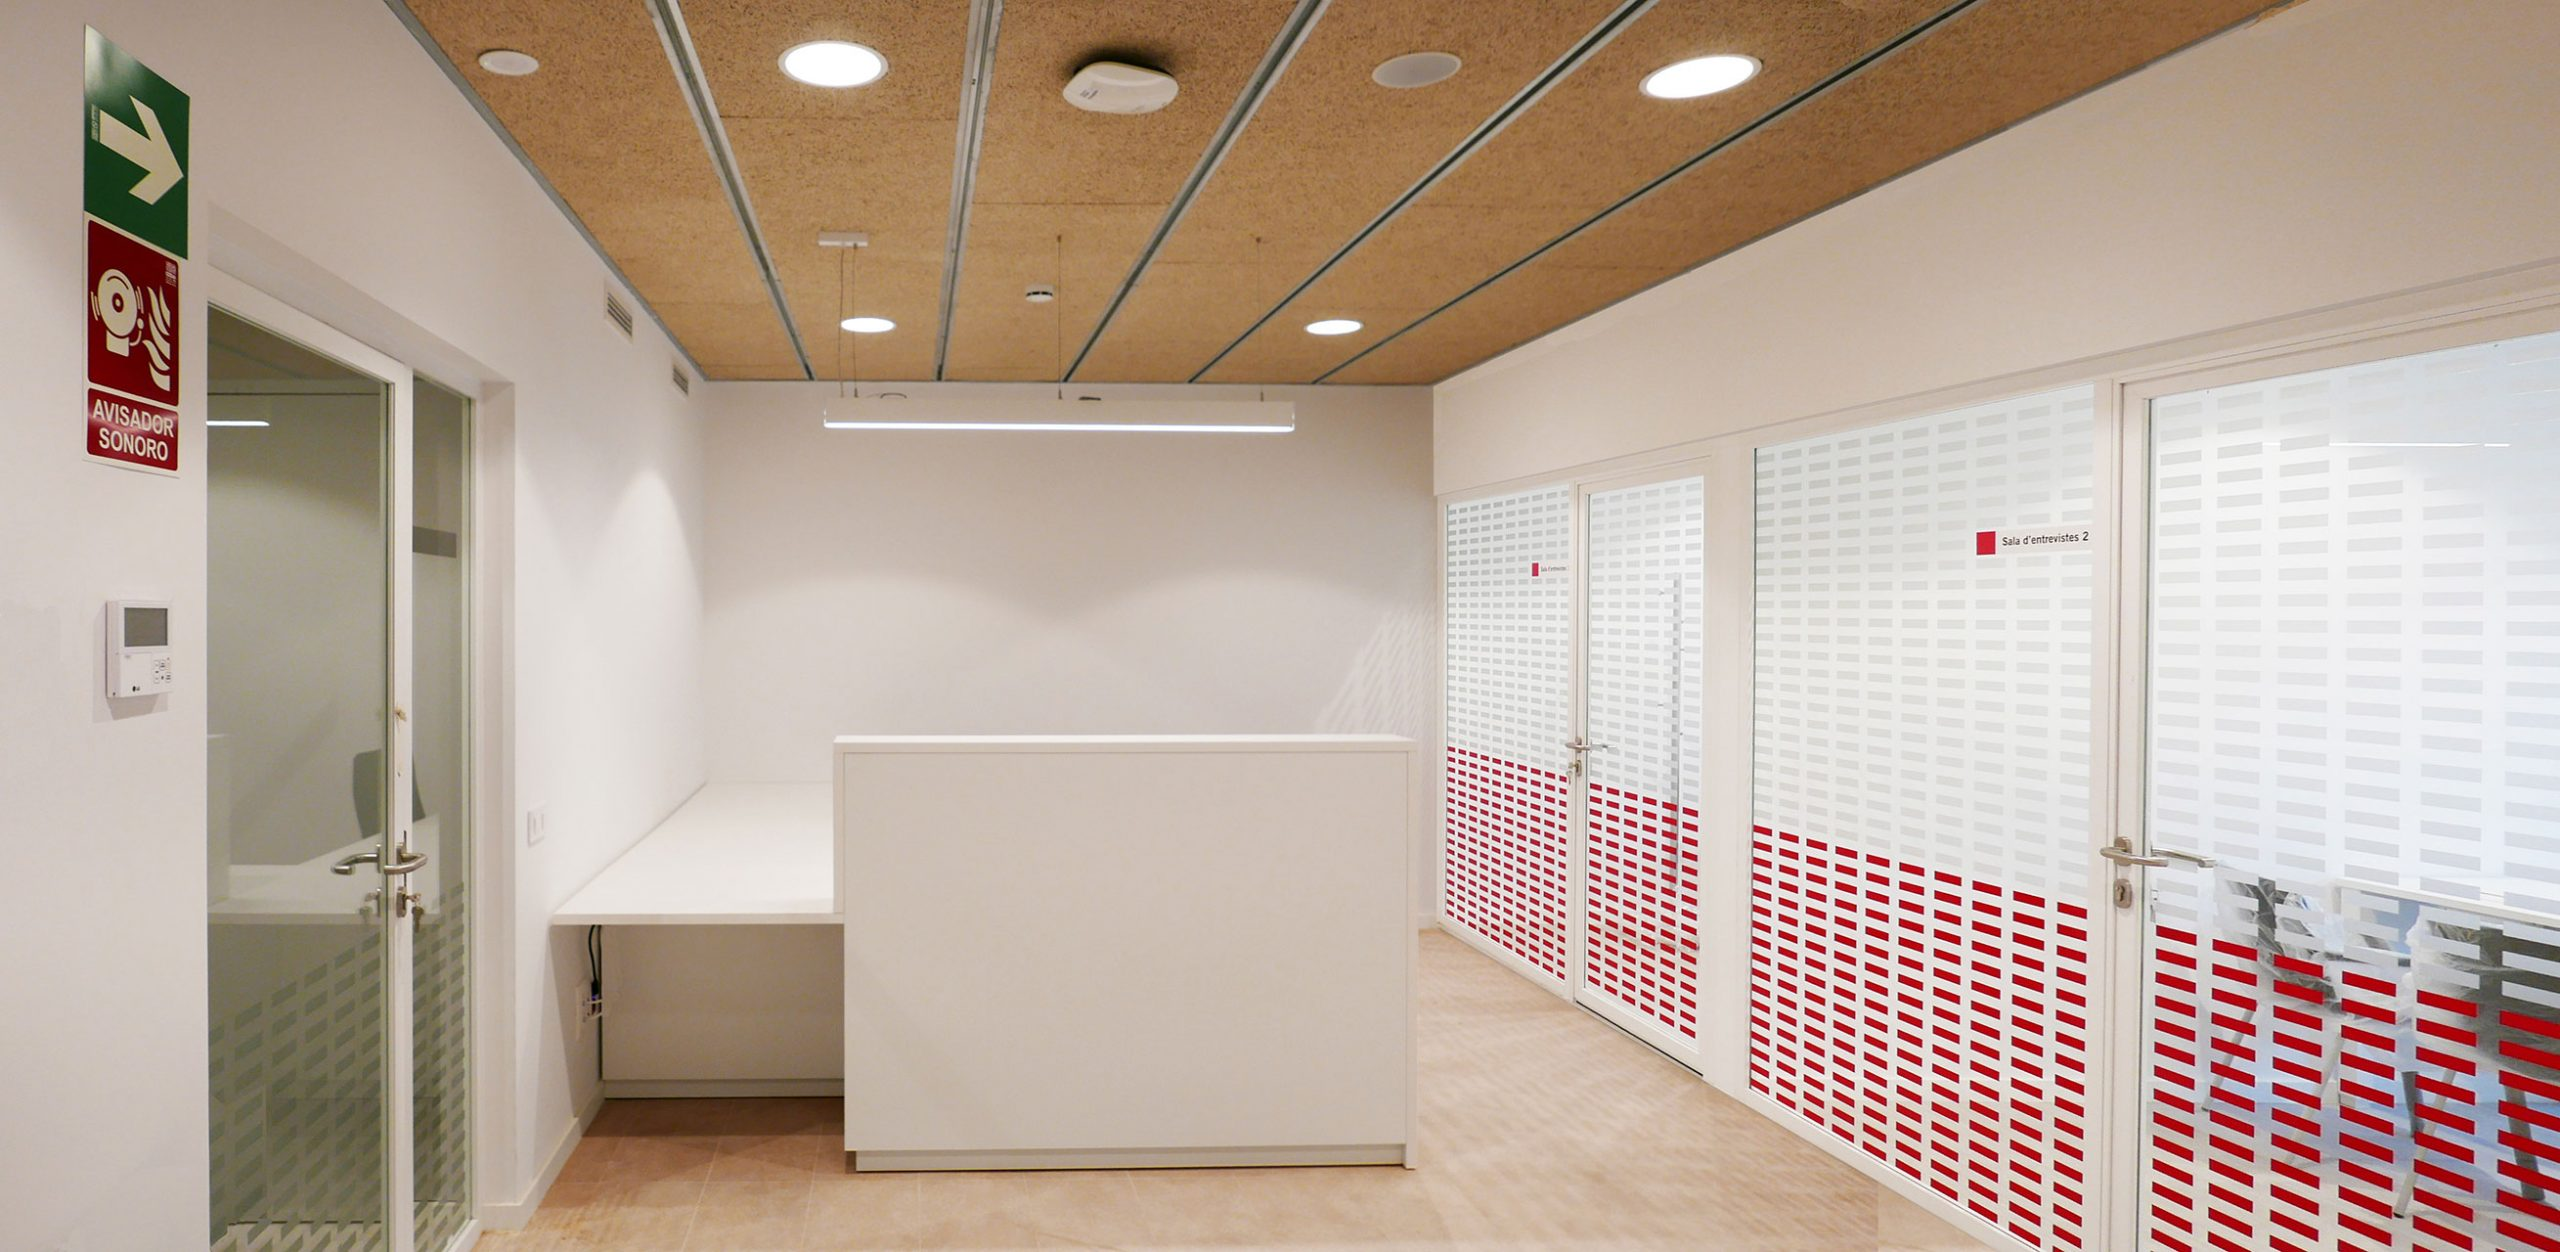 Interior oficines, Viladomat 127, SADEP